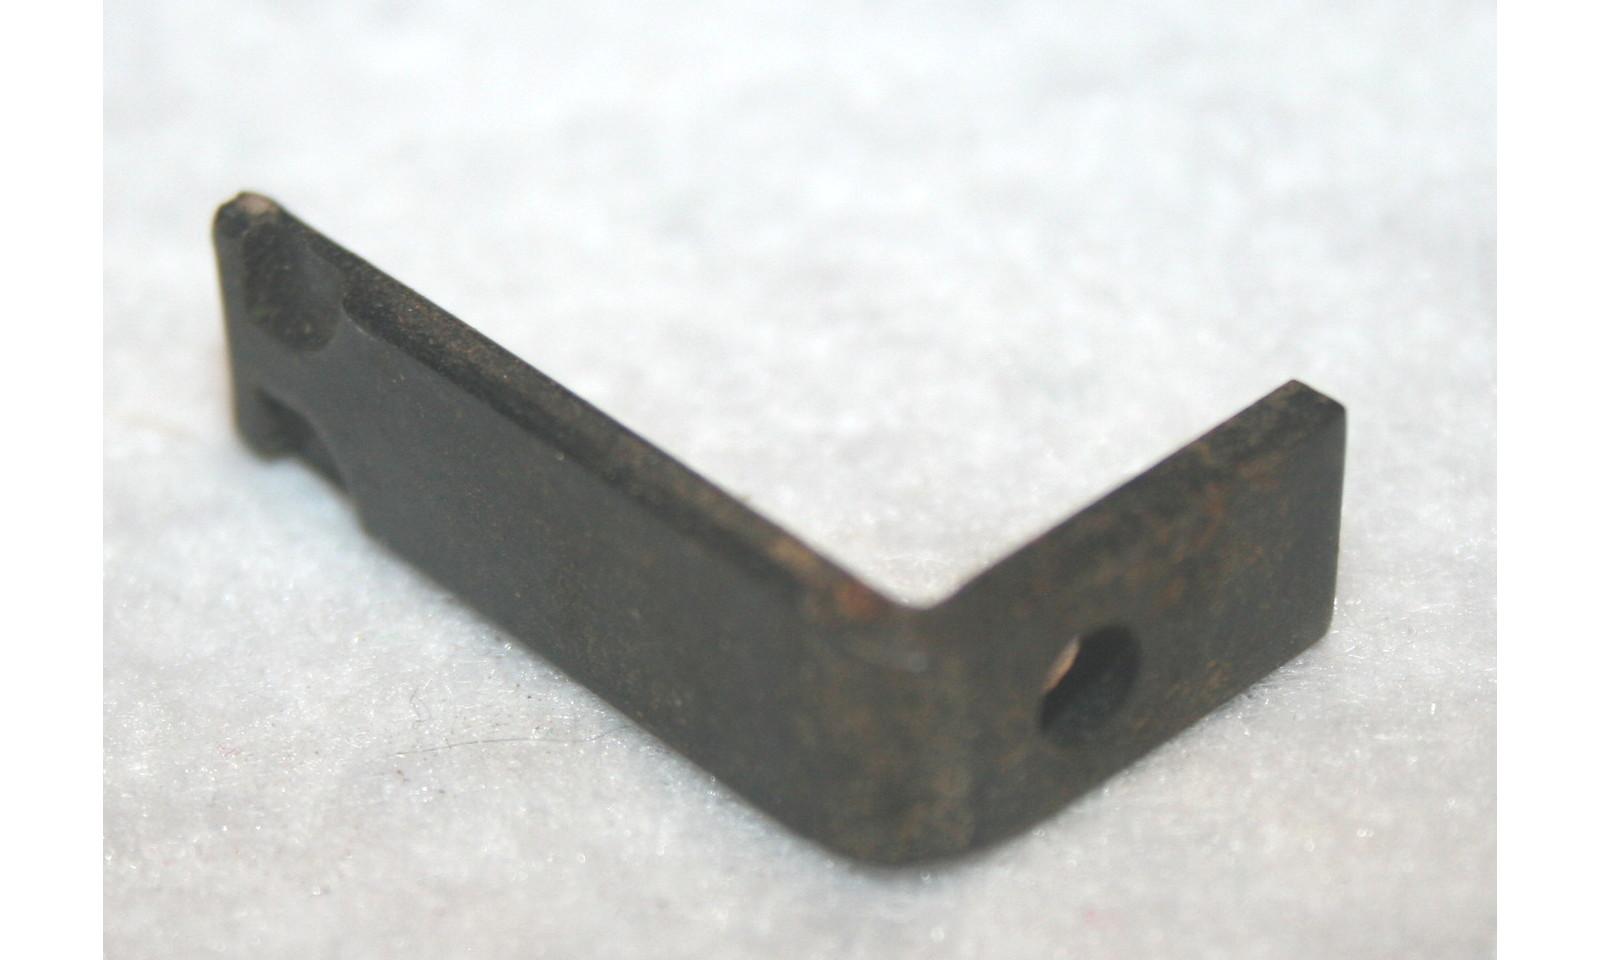 Remington 788 Parts